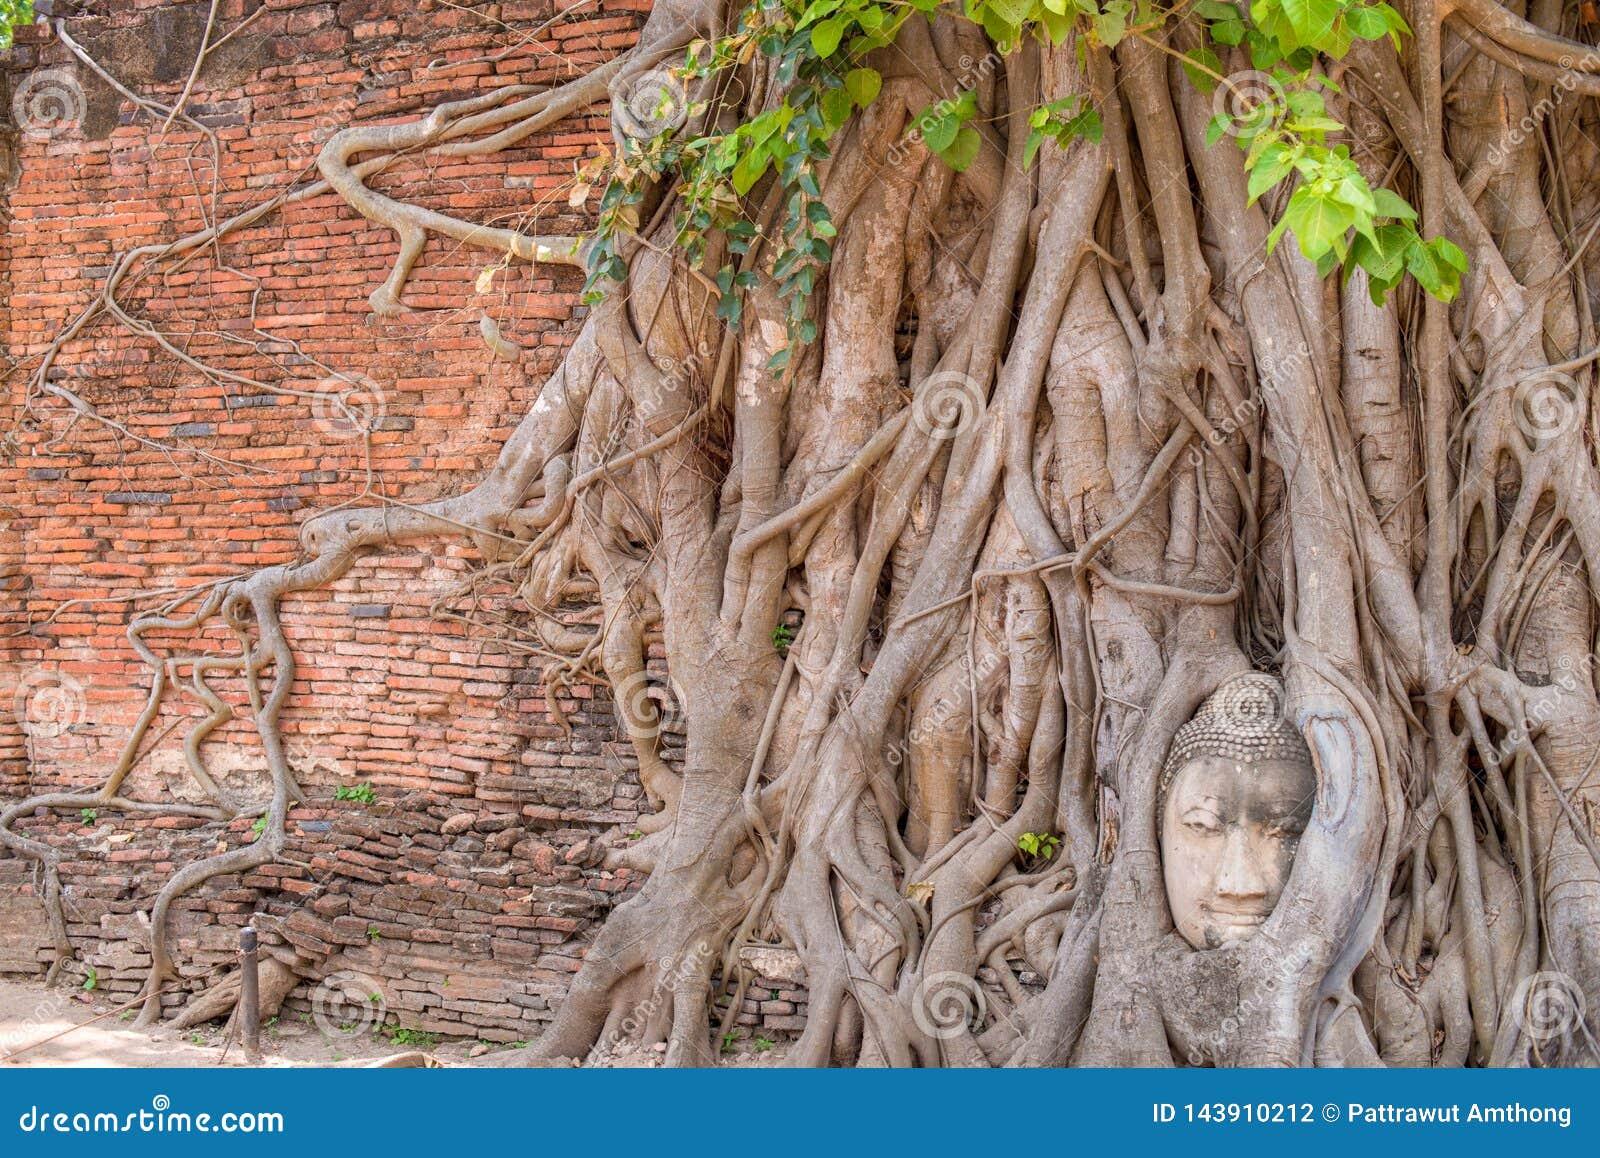 La tête de Bouddha dans l arbre